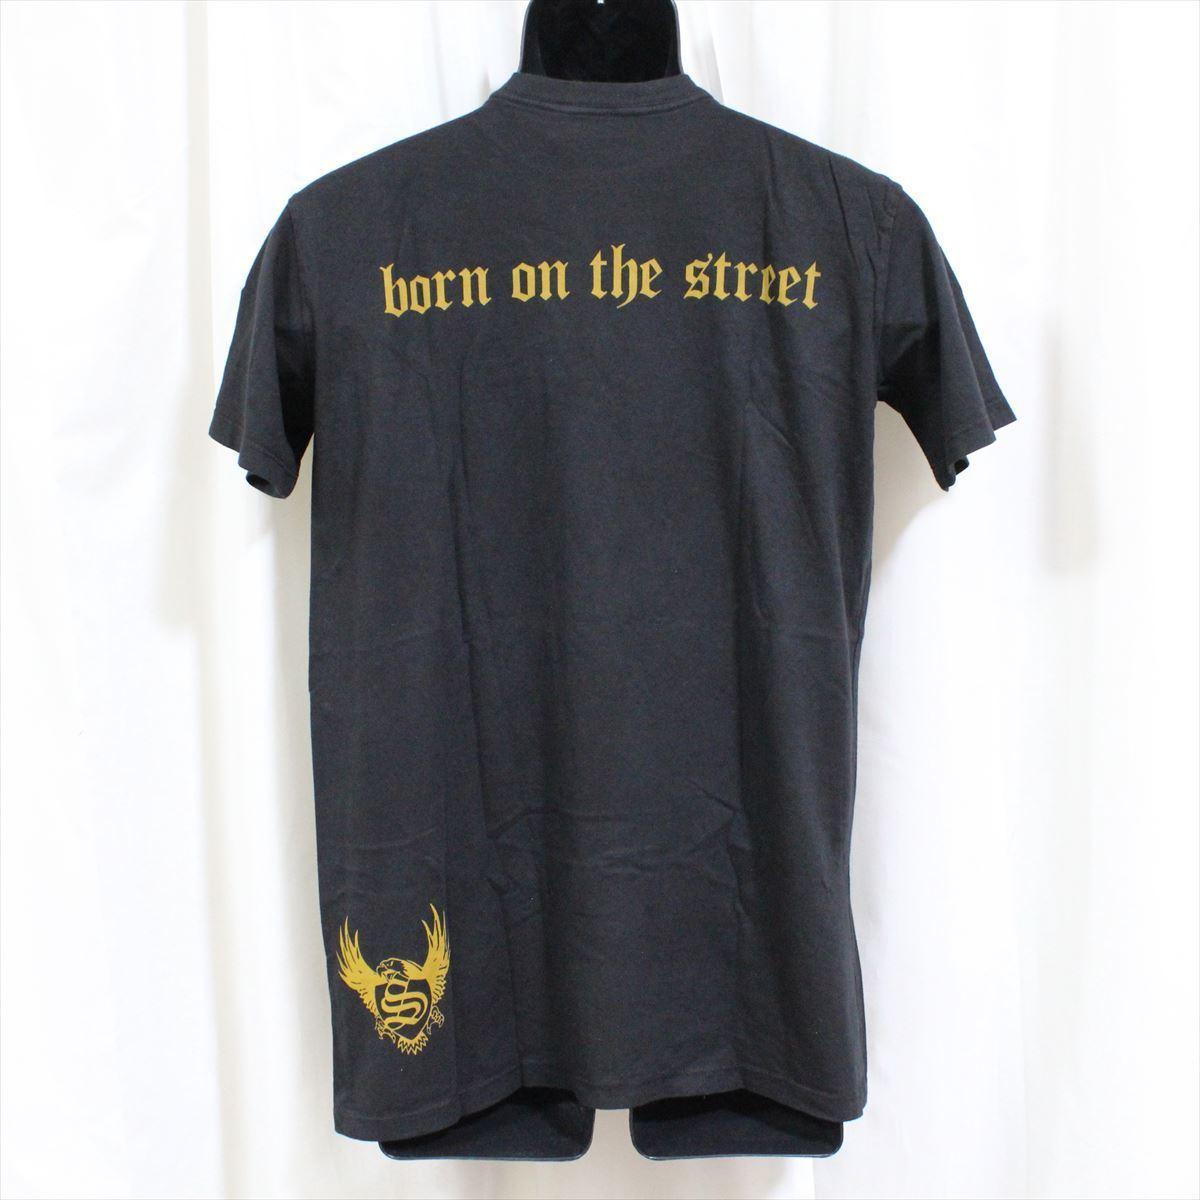 スメット SMET メンズ半袖Tシャツ Lサイズ ブラック NO6 新品 黒_画像4